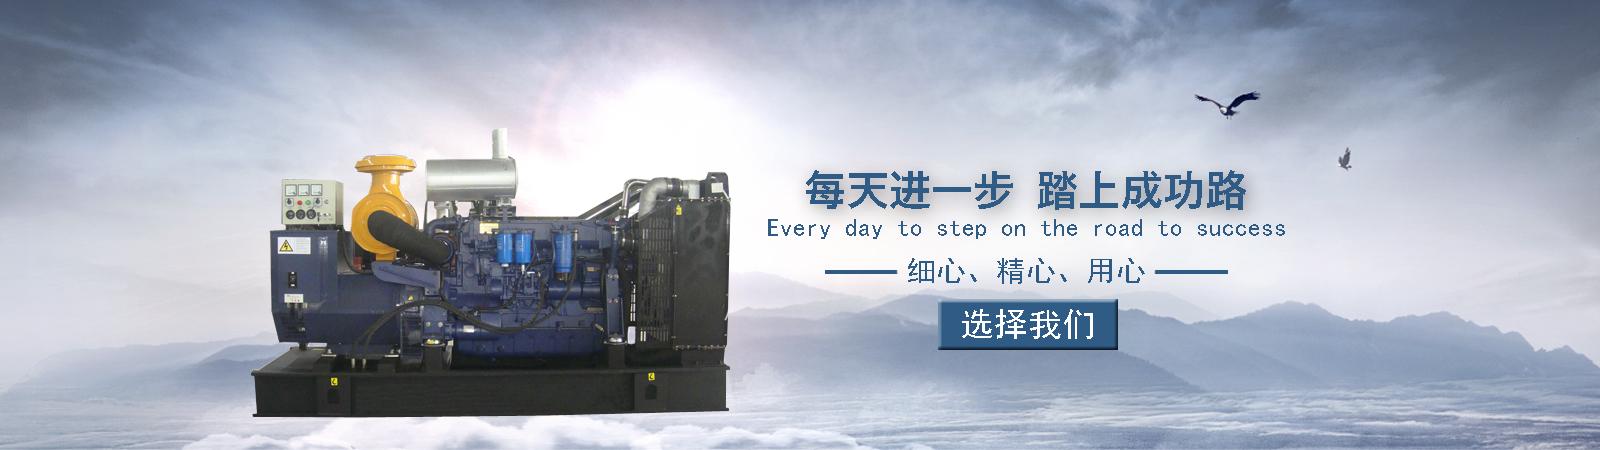 betway登录betway中文